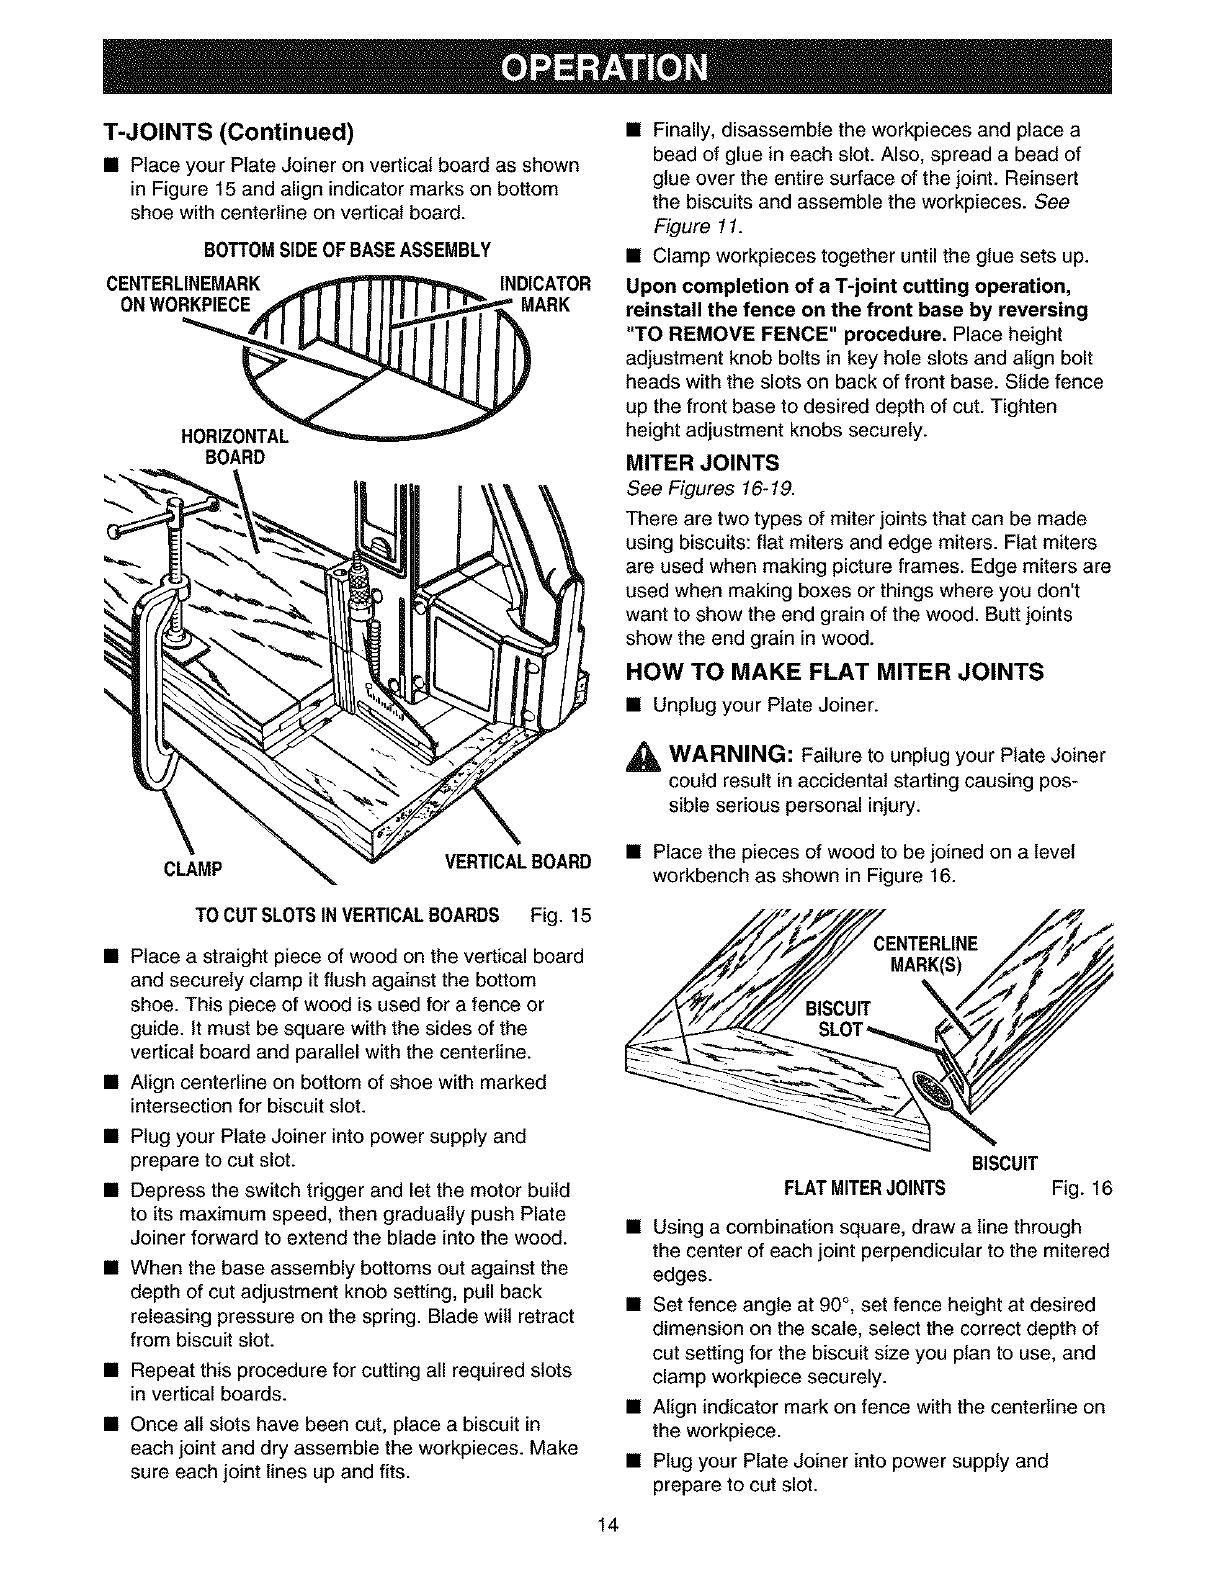 Transform Plate Boundaries Manual Guide